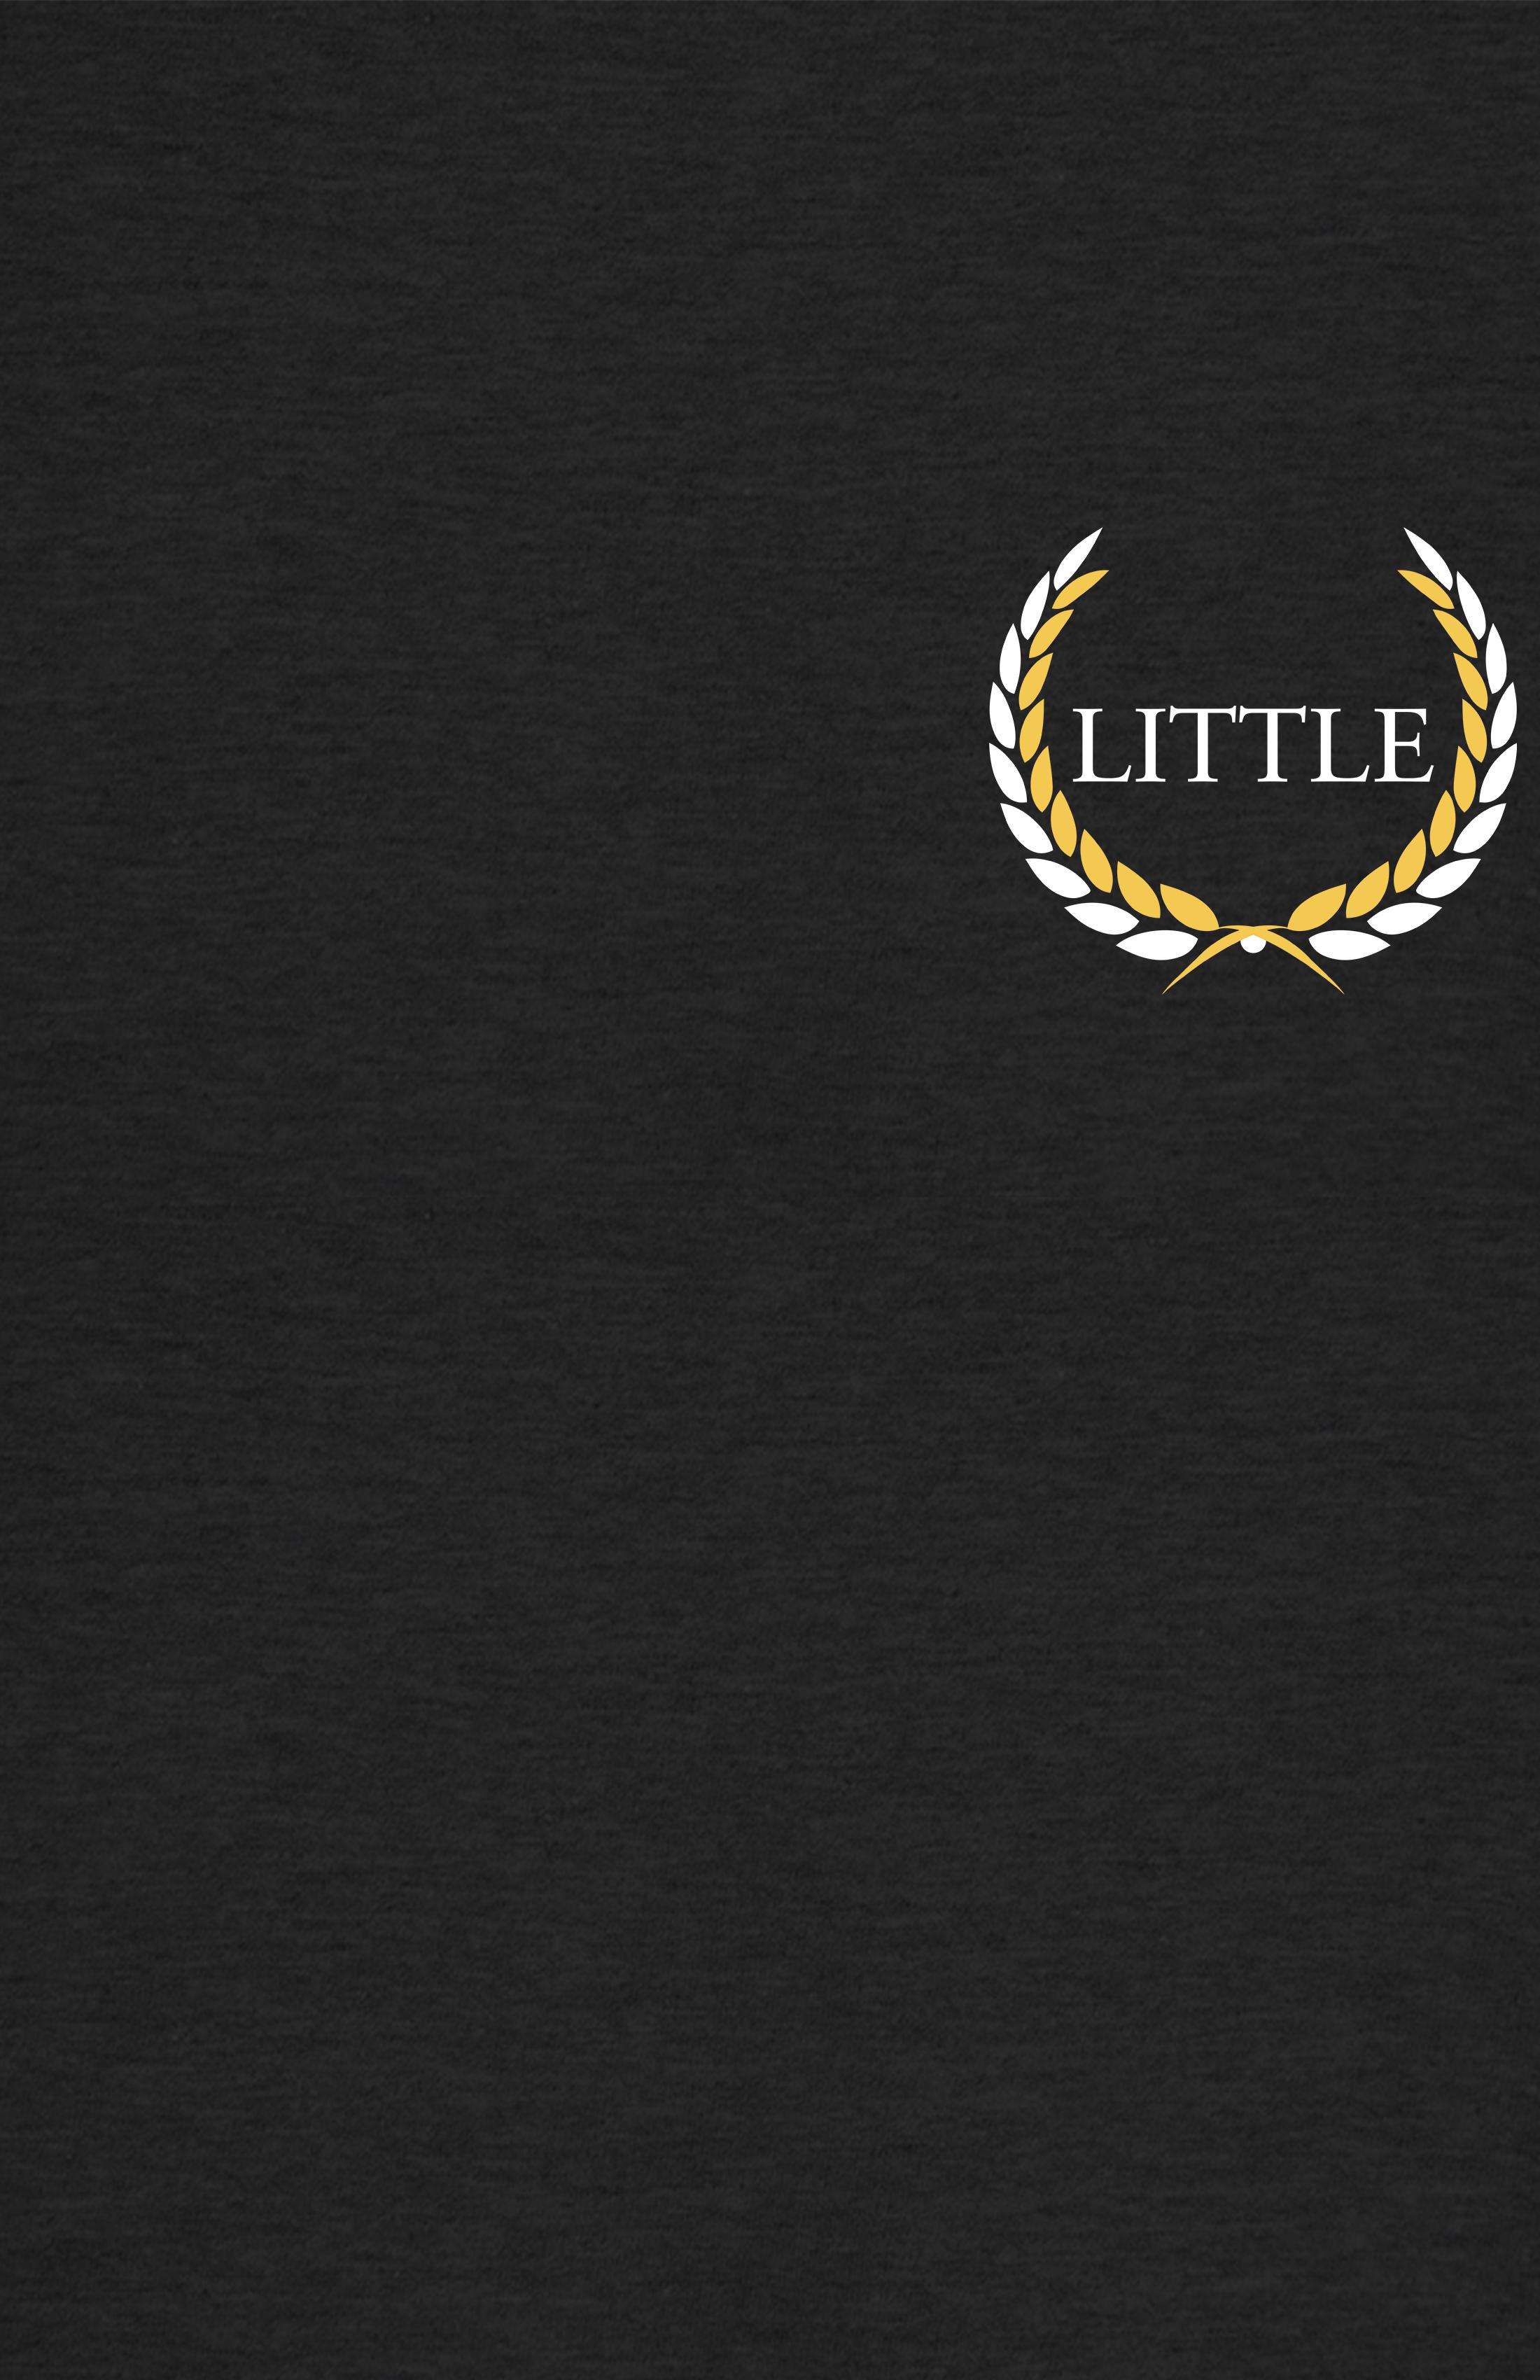 littlelaurel.jpg